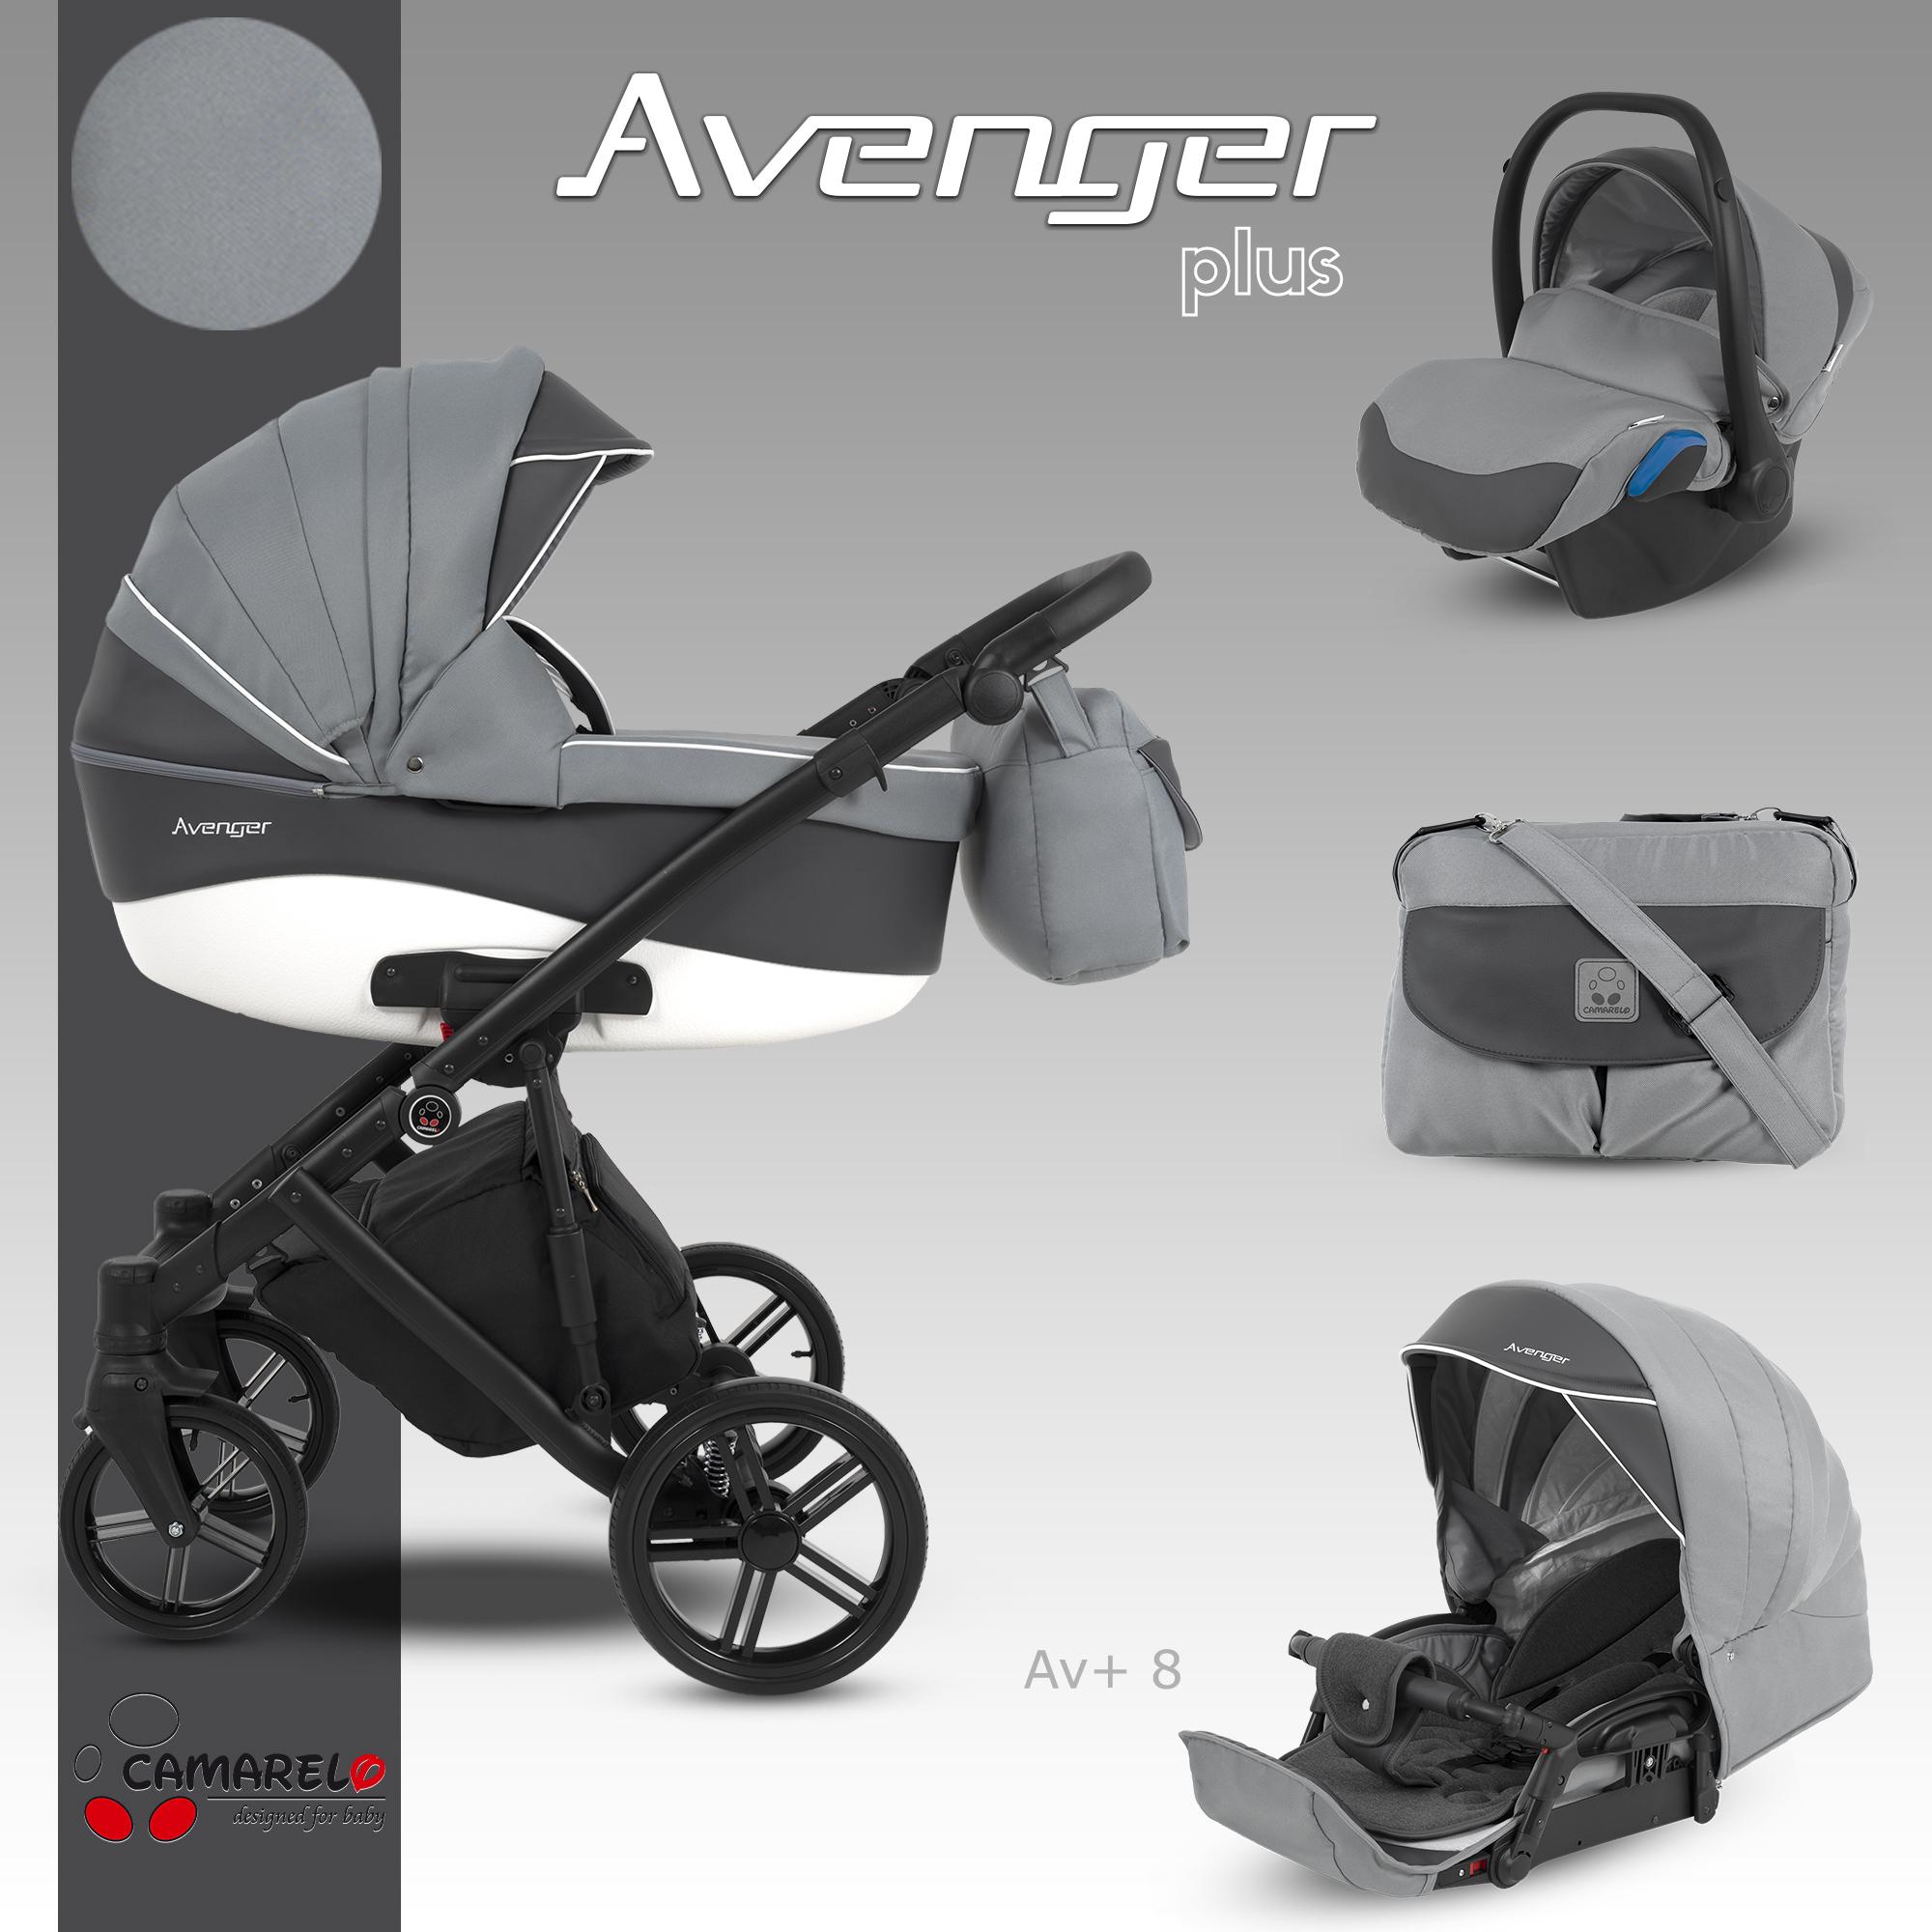 Avenger-8